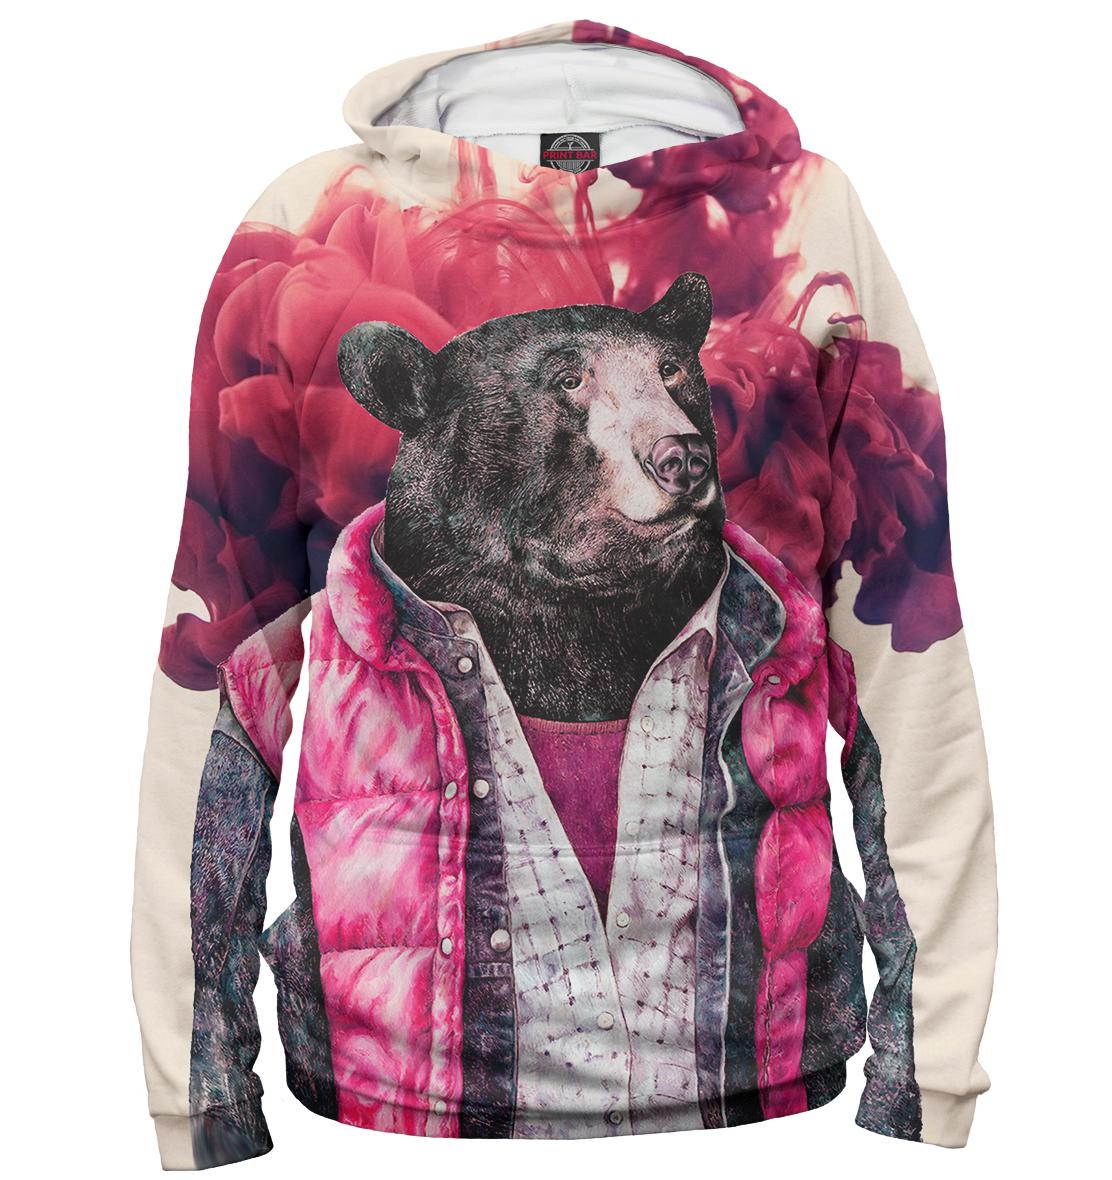 Купить Медведь в жилетке, Printbar, Худи, MED-826433-hud-2